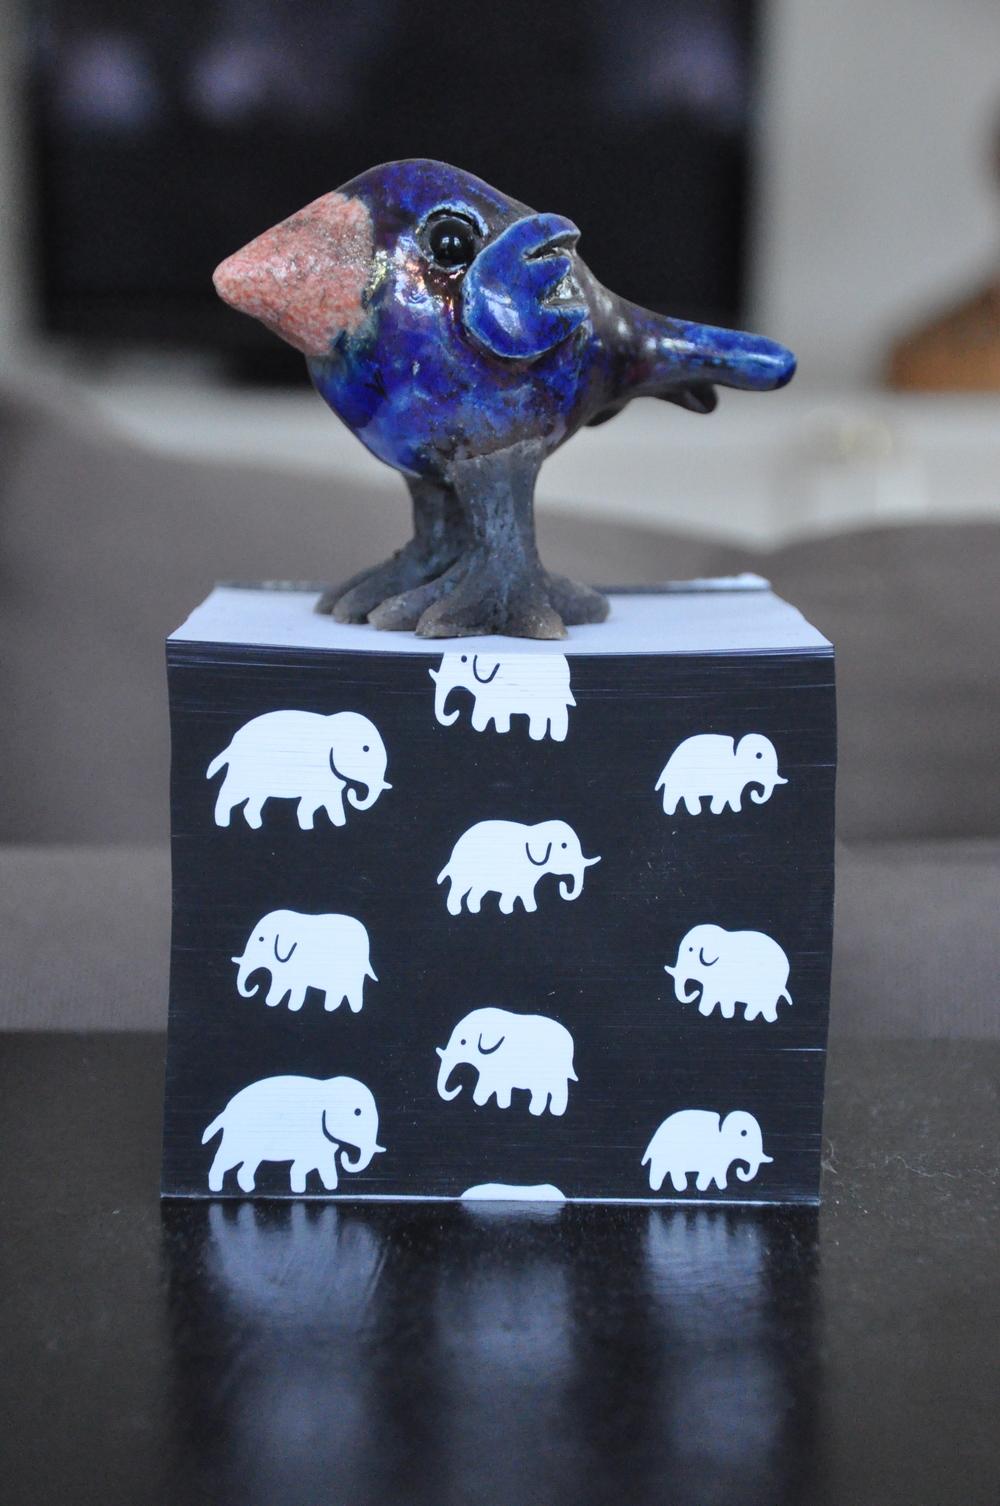 Keramikfågel på anteckningsblock från Svenskt Tenn   Foto:  Palatsliv